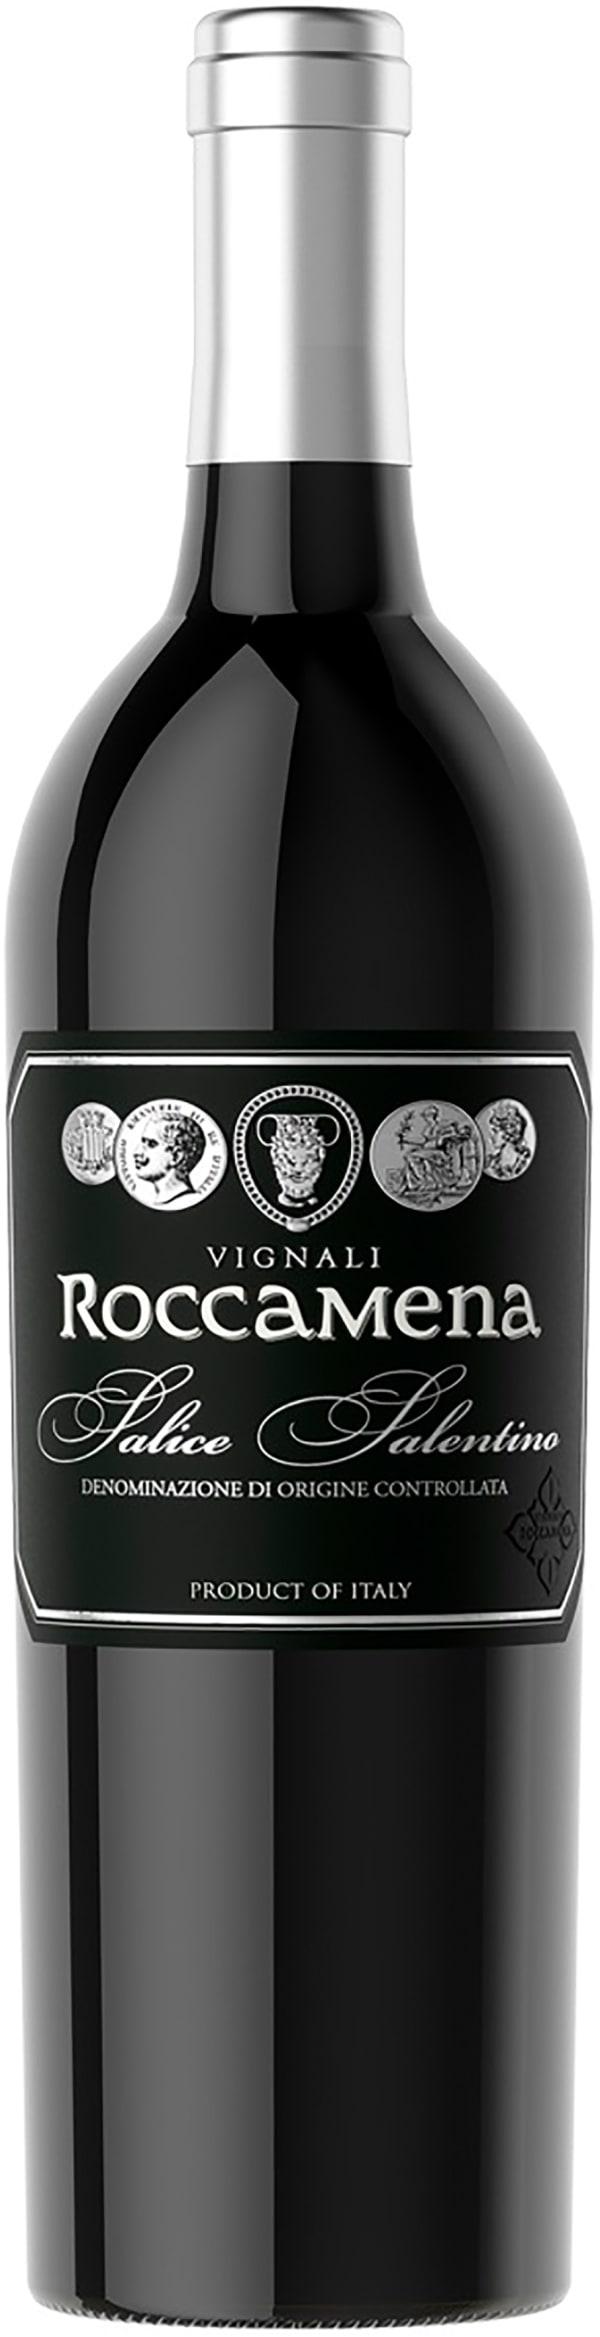 Agricole Selvi Vignali Roccamena 2019